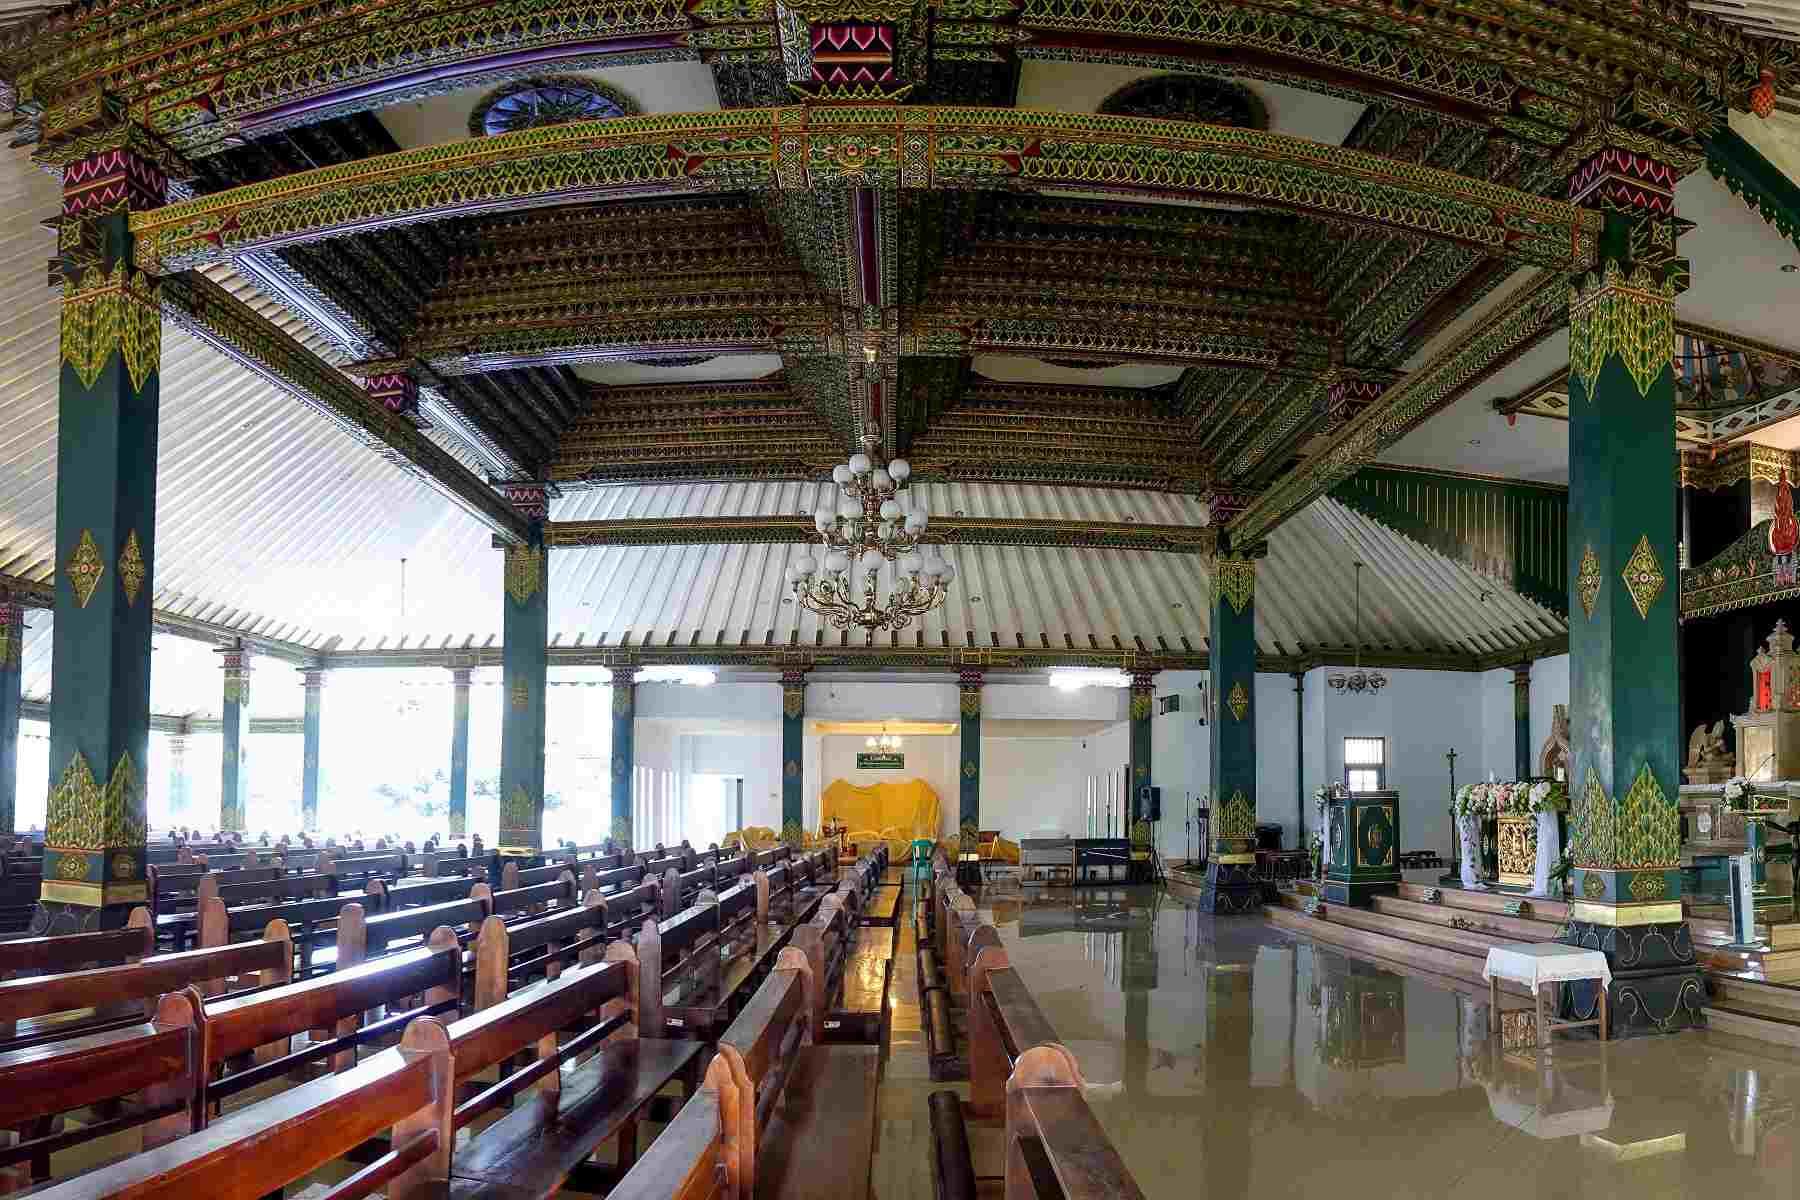 Ganjuran Church interior, Yogyakarta